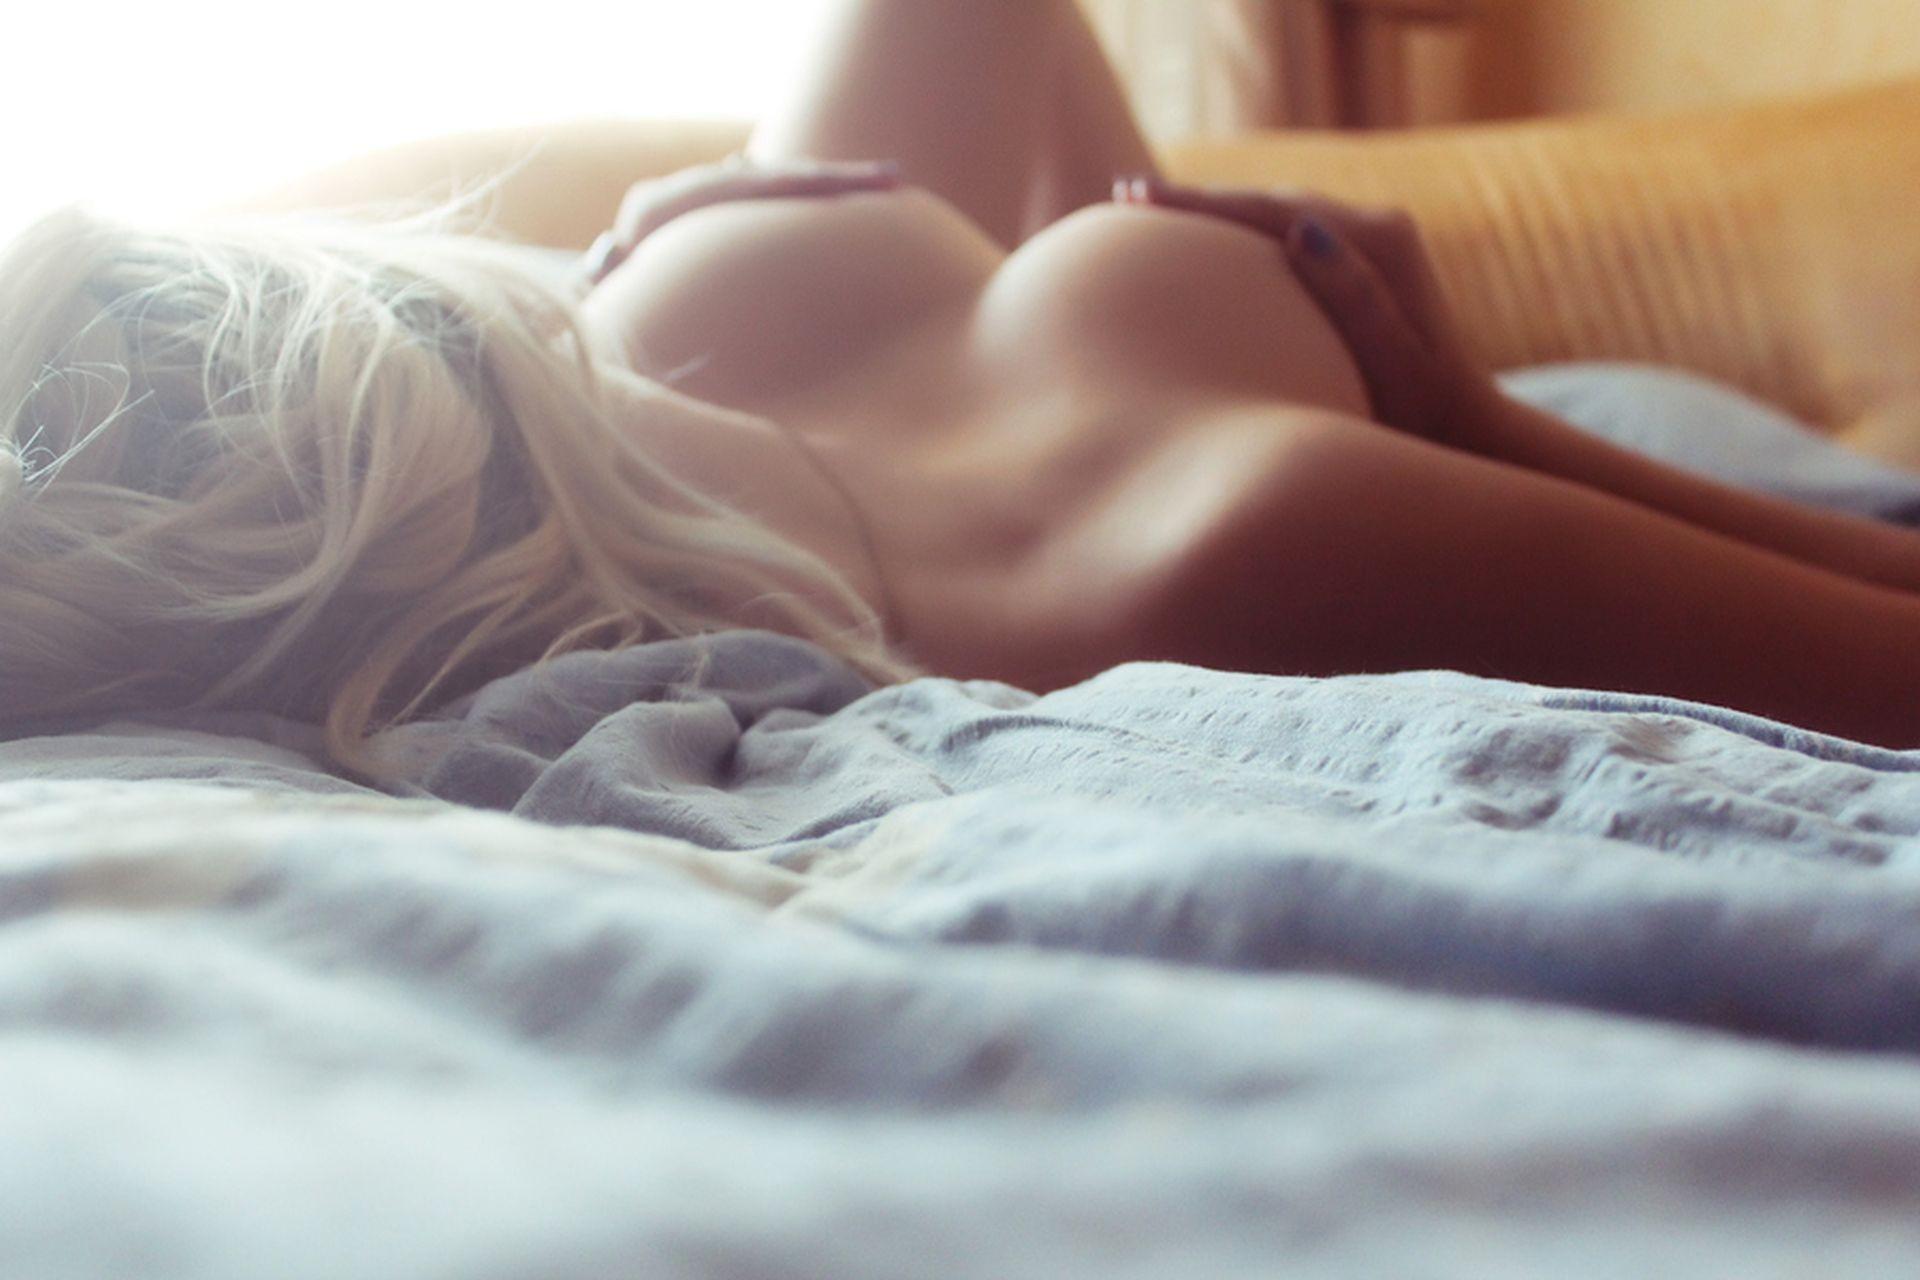 Сиськи в постели